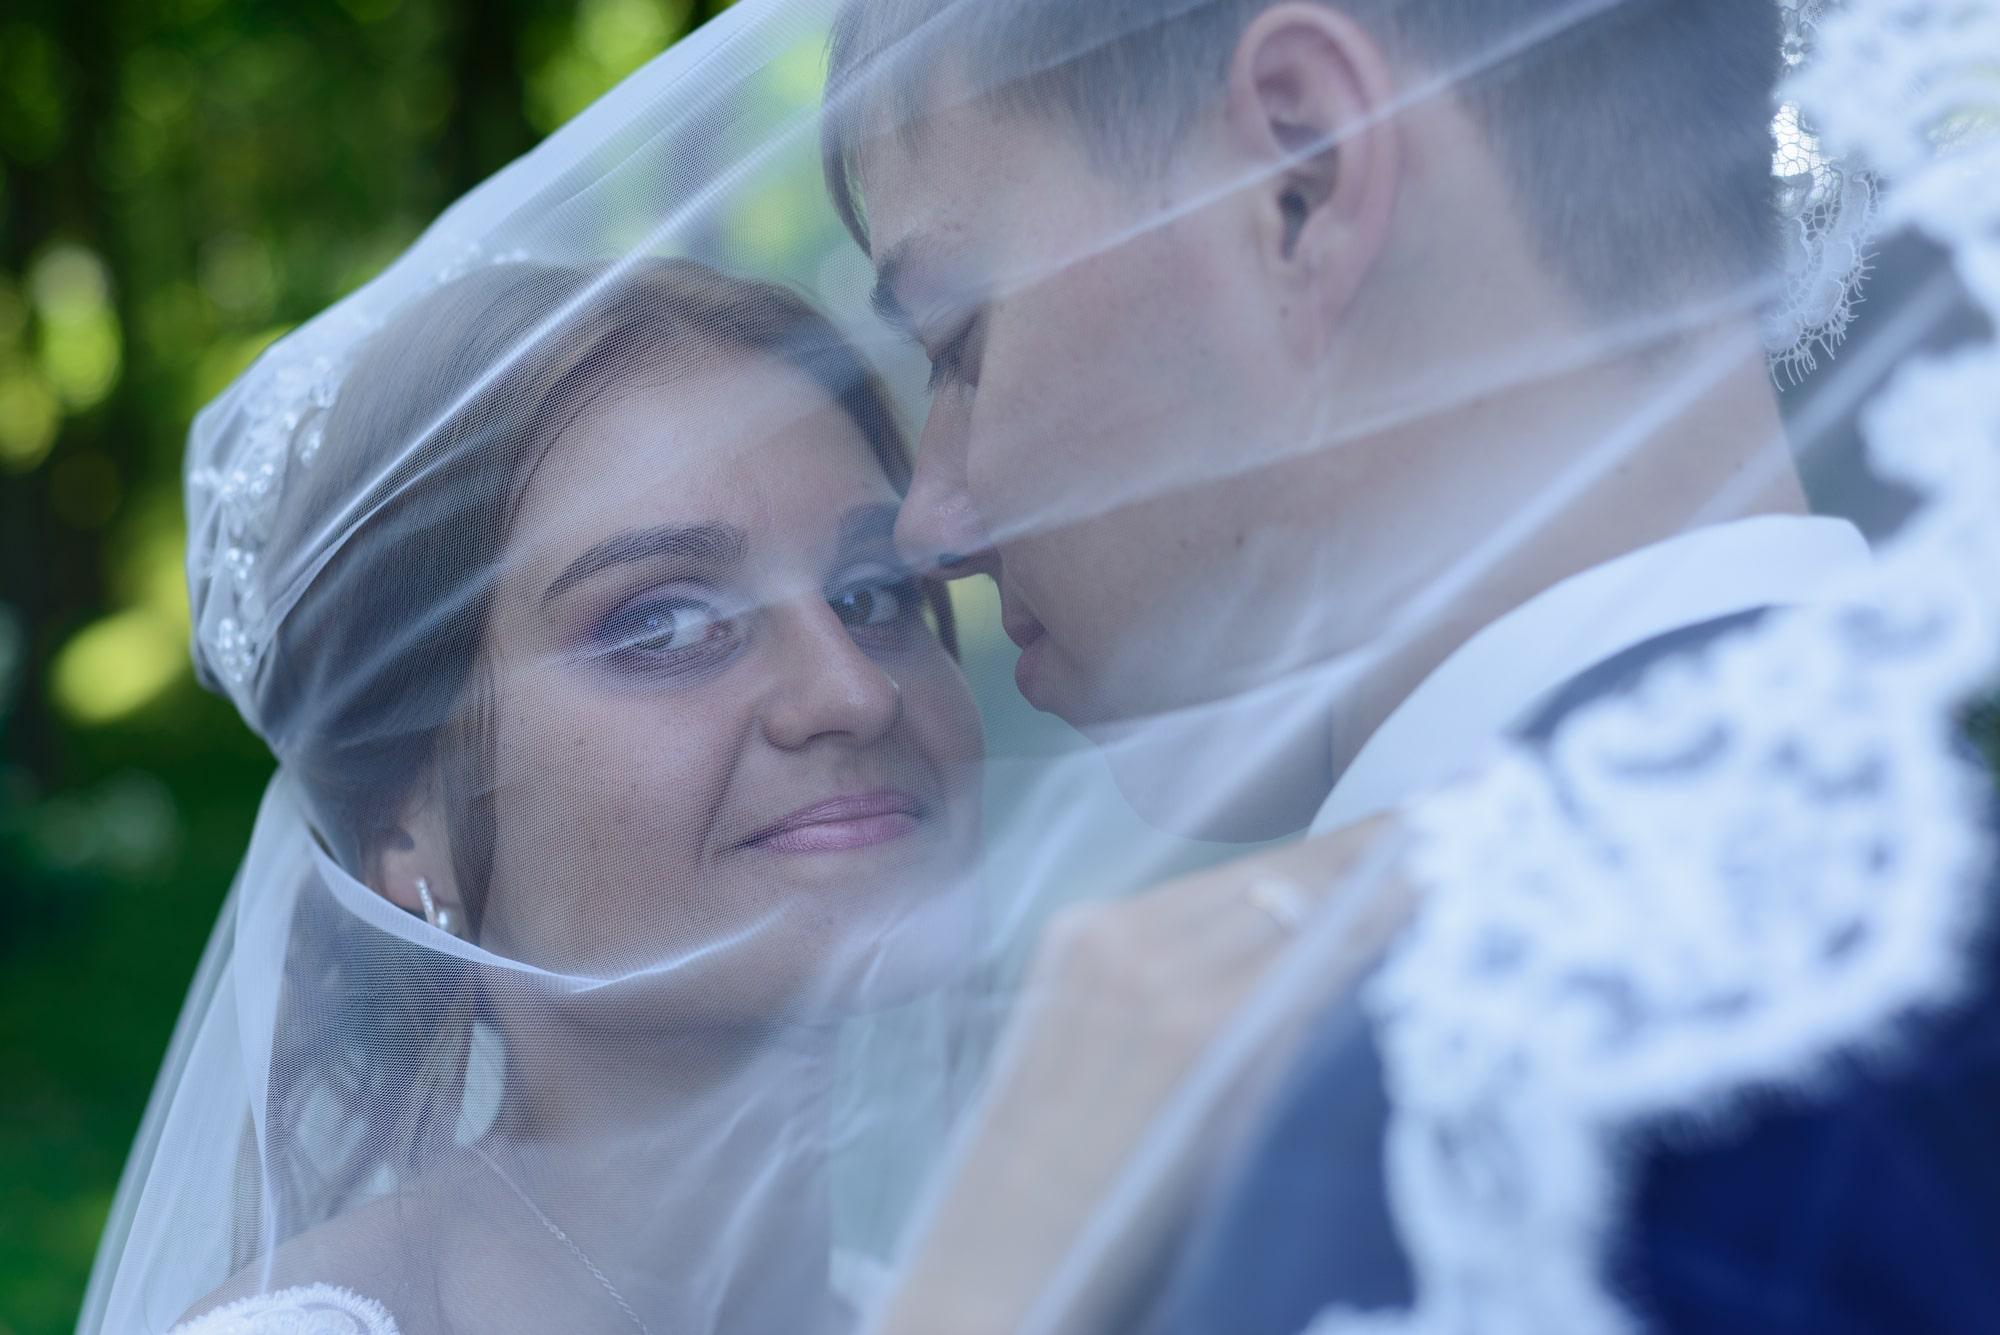 Свадебная фотосъемка в Межигорье - под фатой невесты